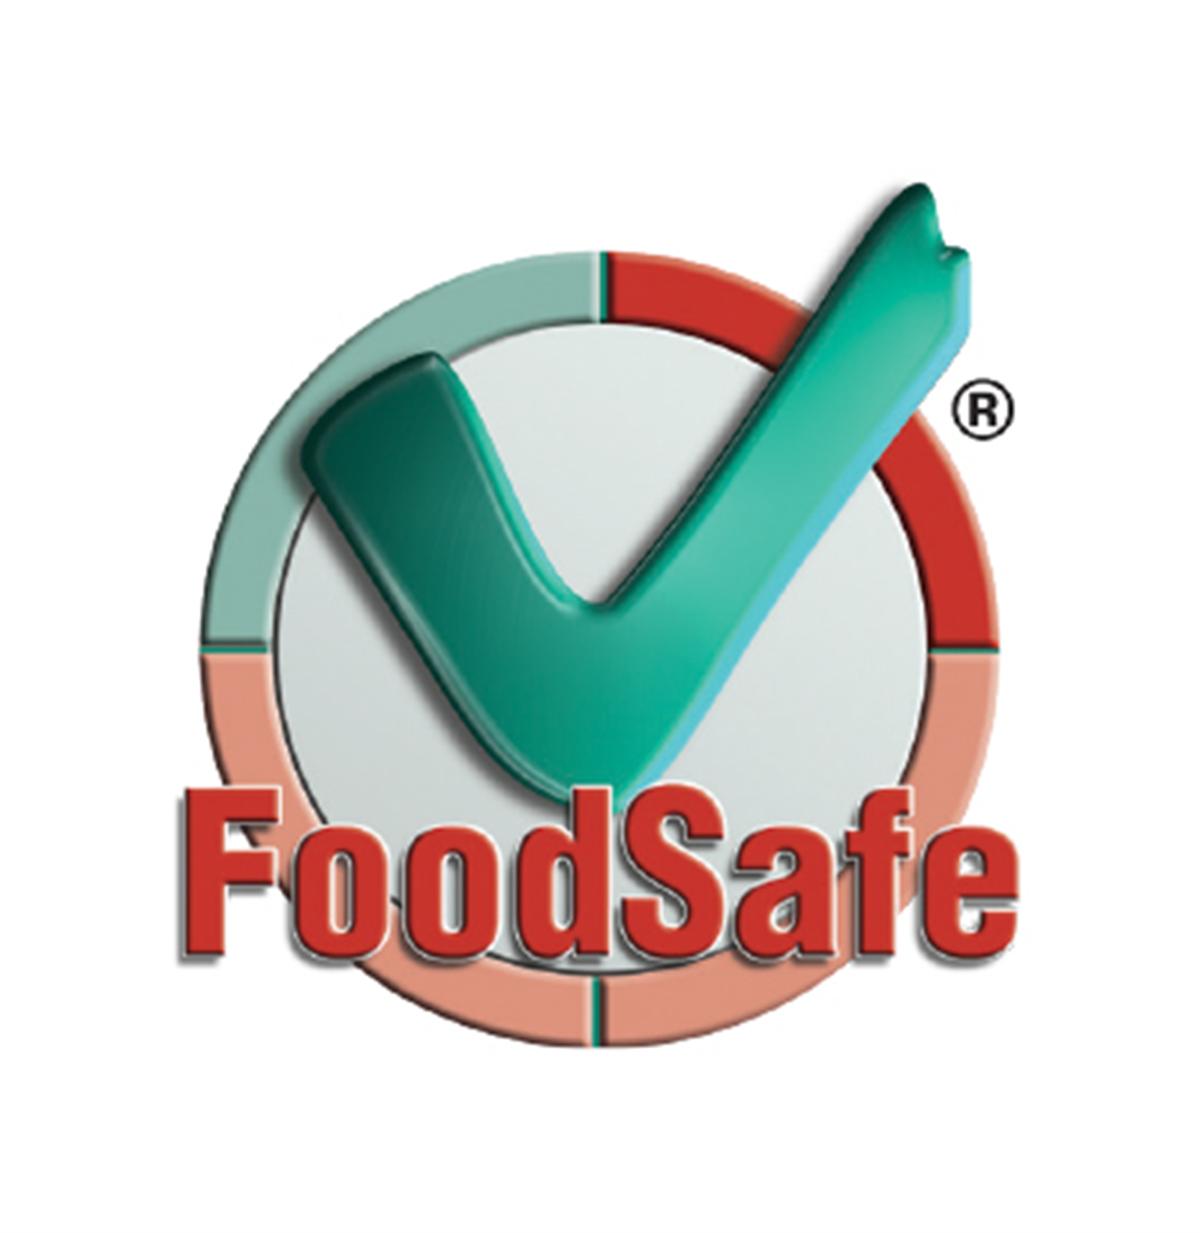 foodsafe-logo.png